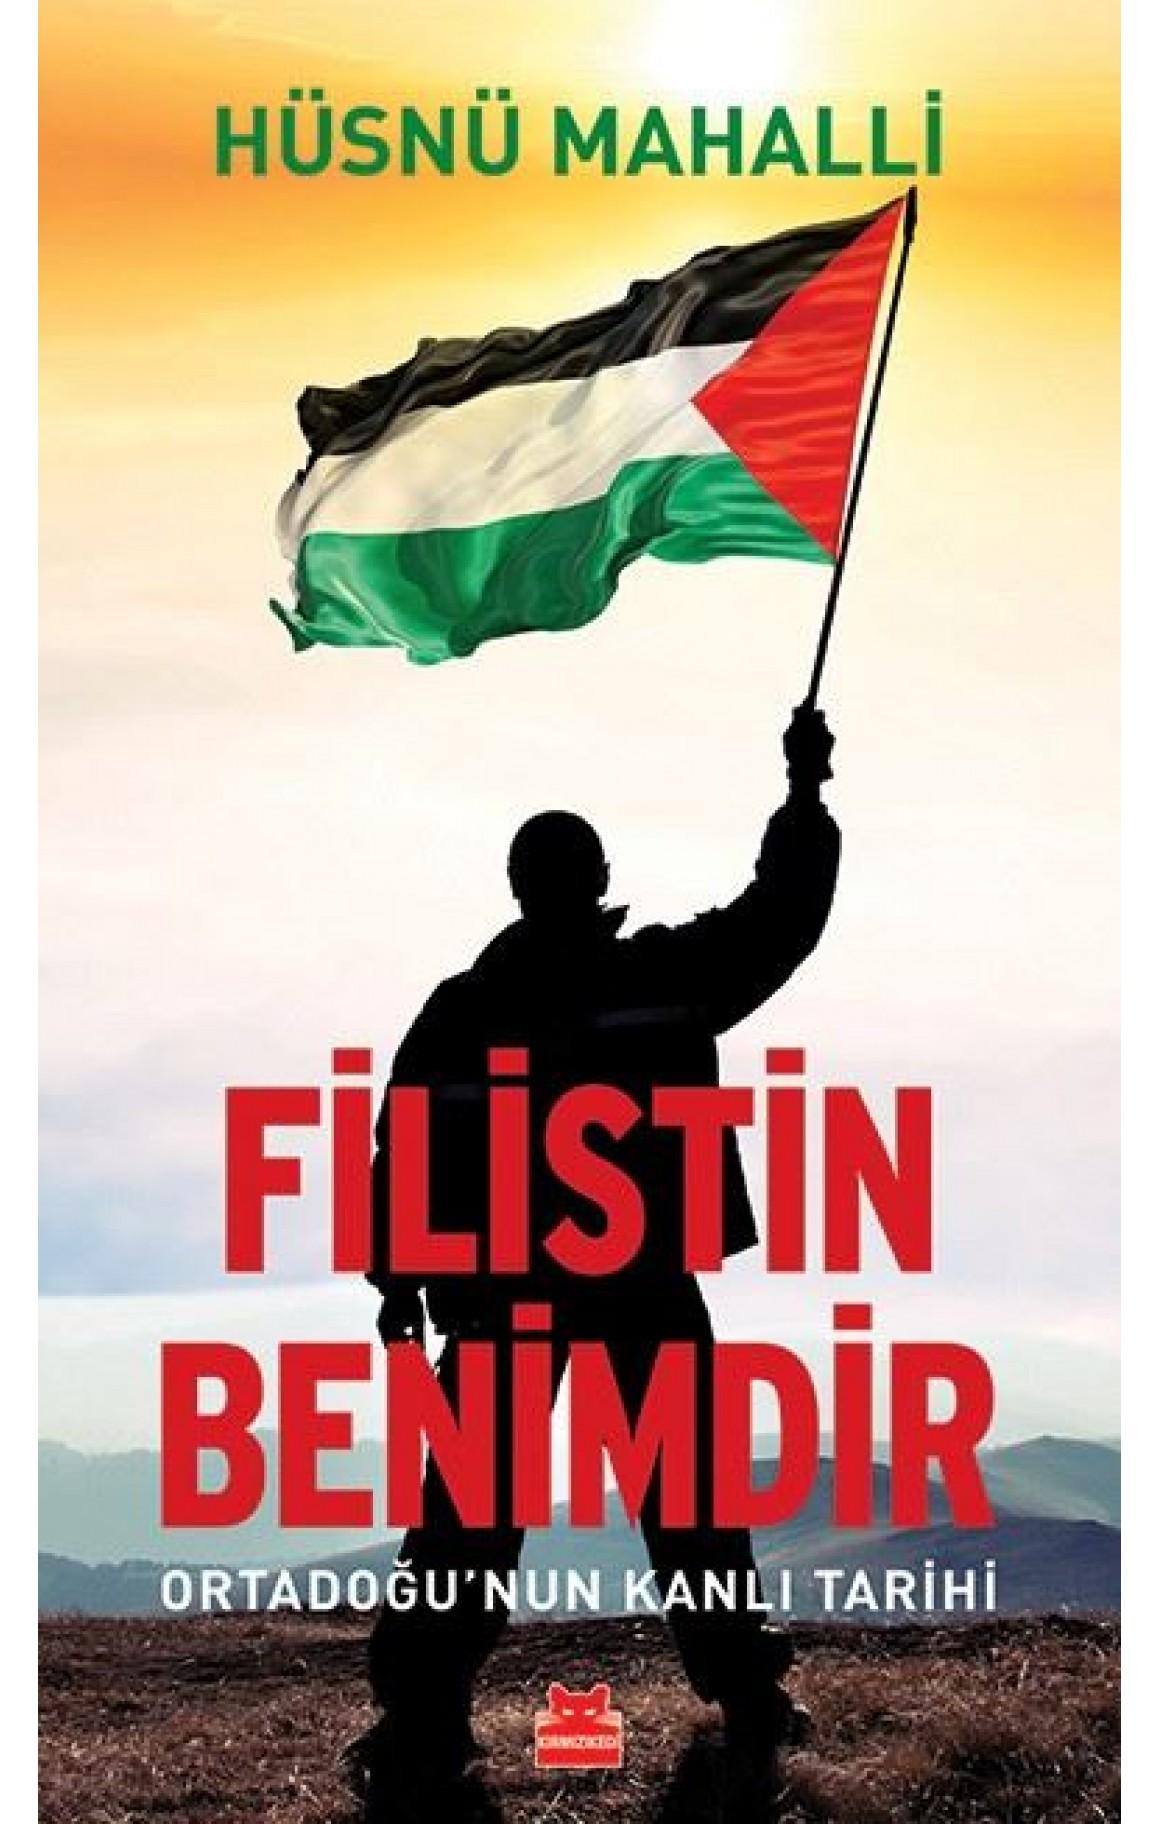 Filistin Benimdir - Ortadoğunun Kanlı Tarihi